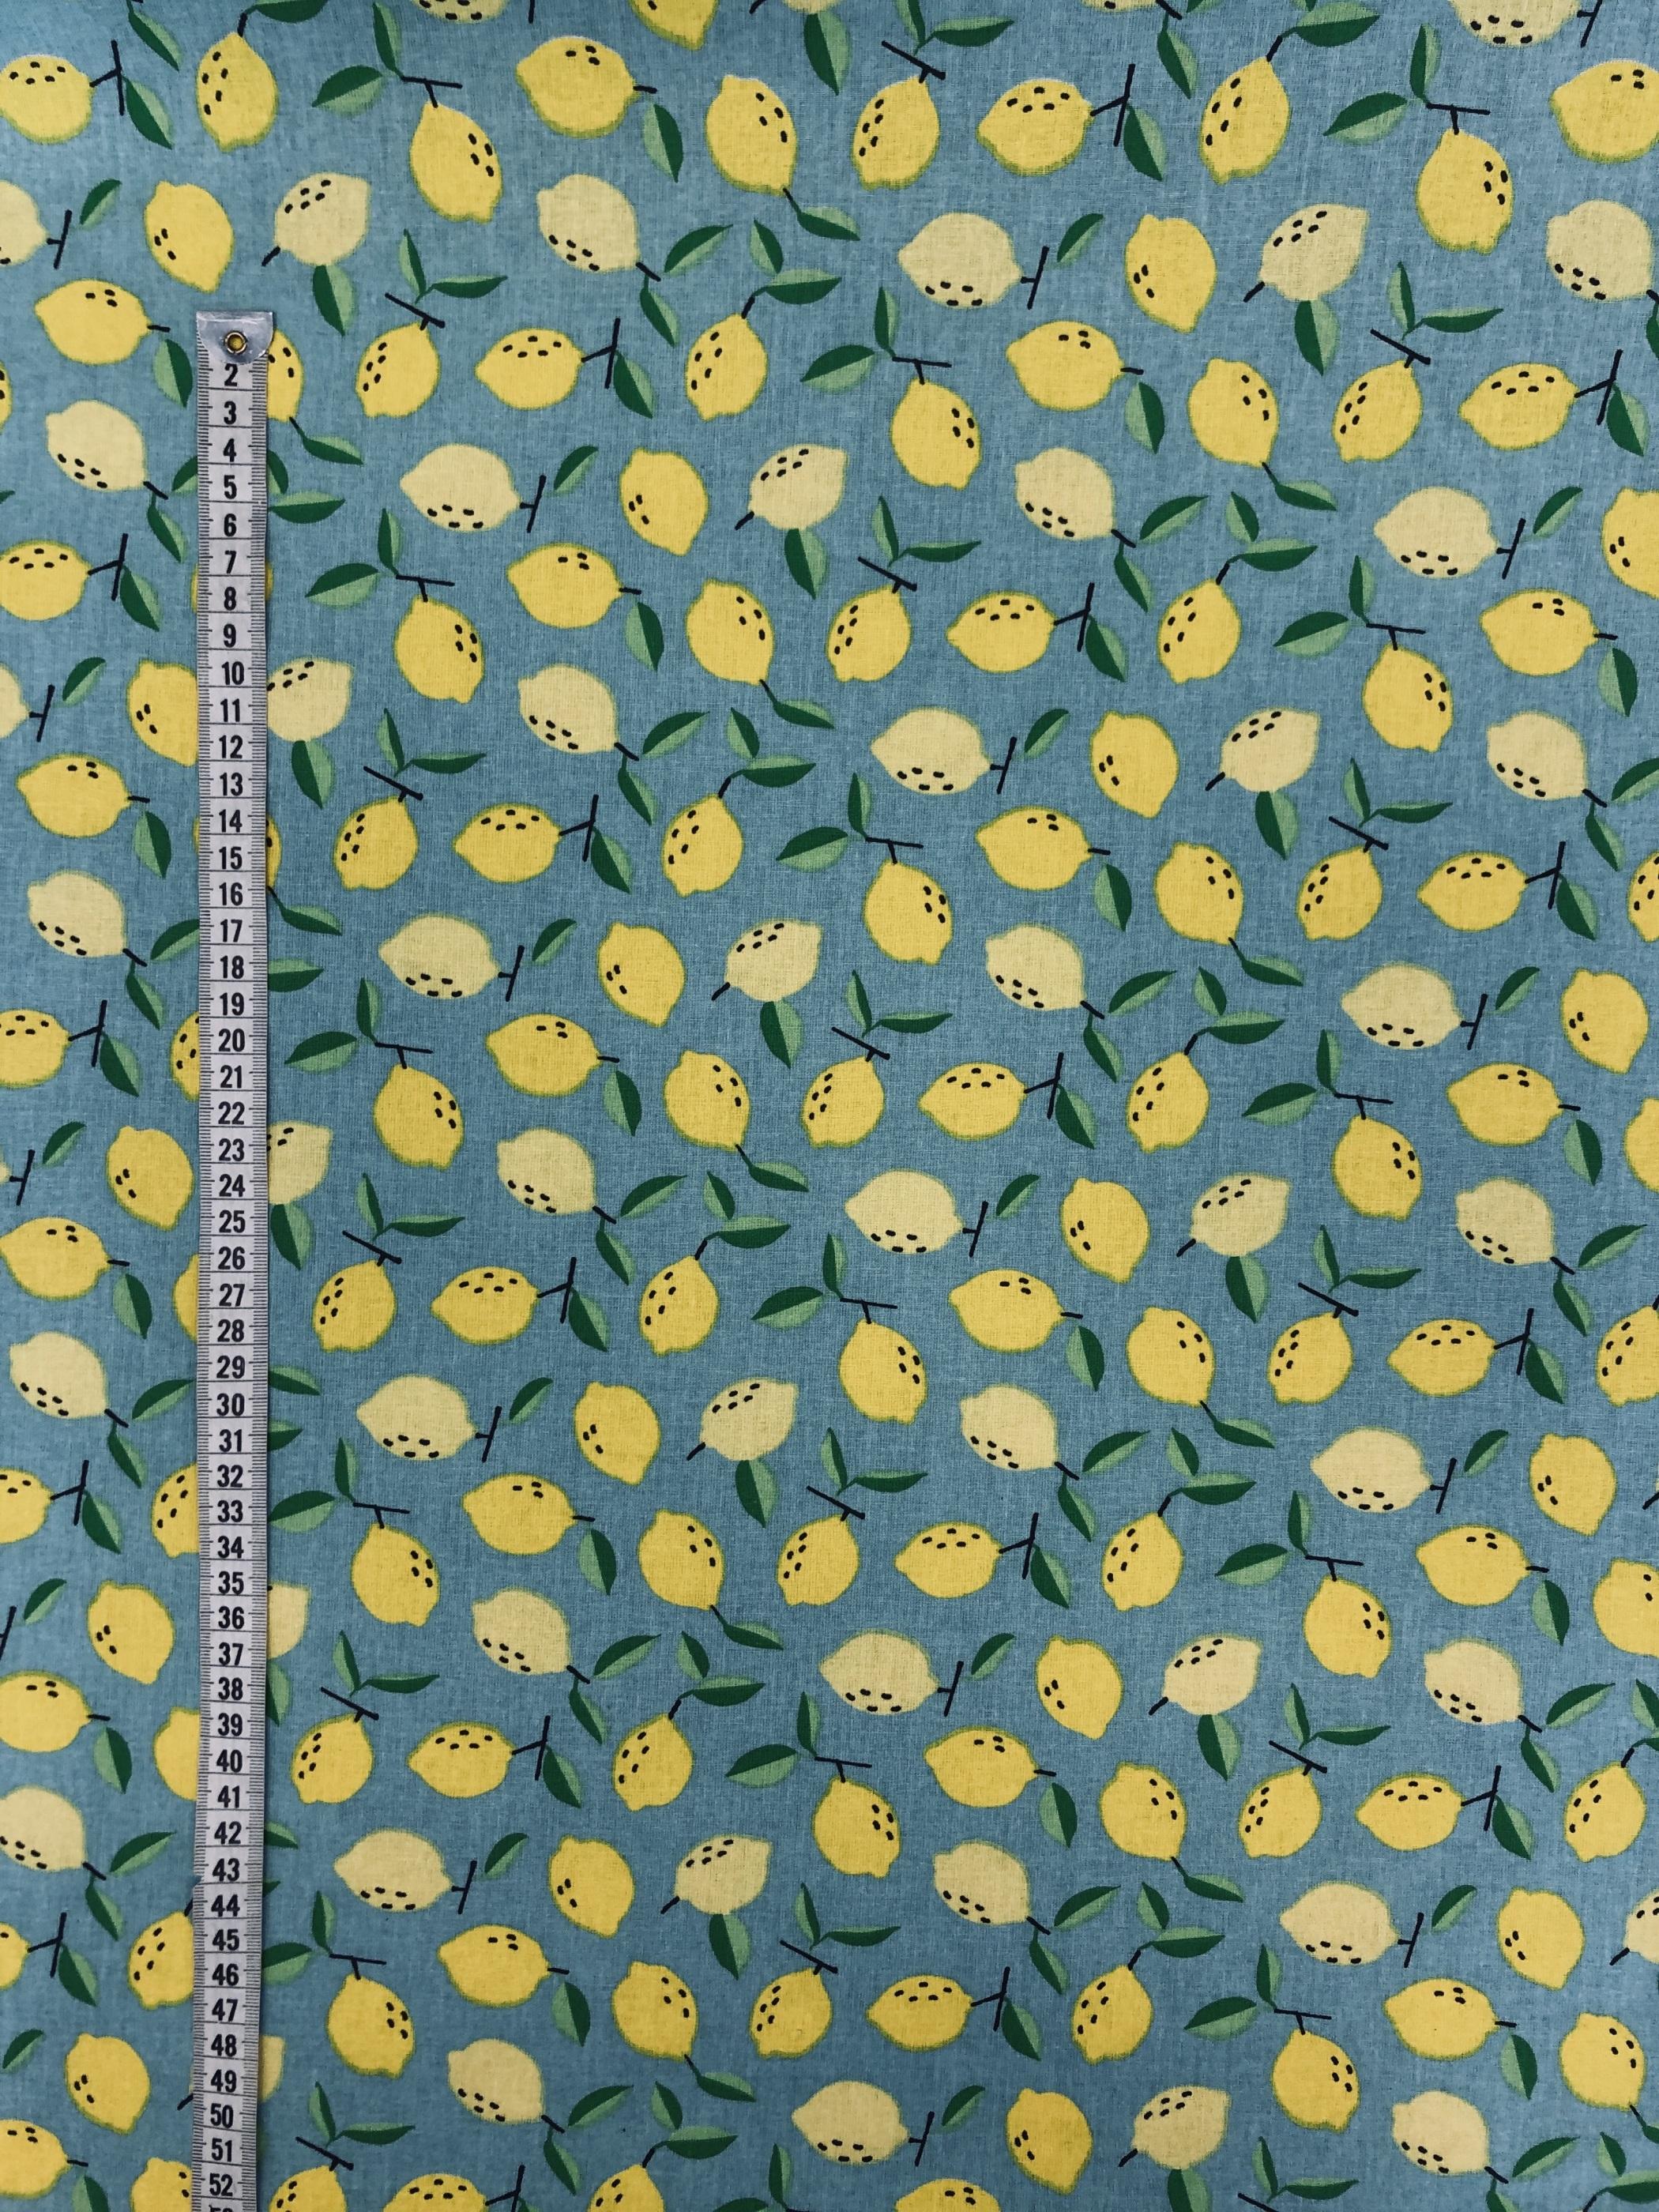 citroner blå gul modetyg hemtextil metervara Tyglust laholm